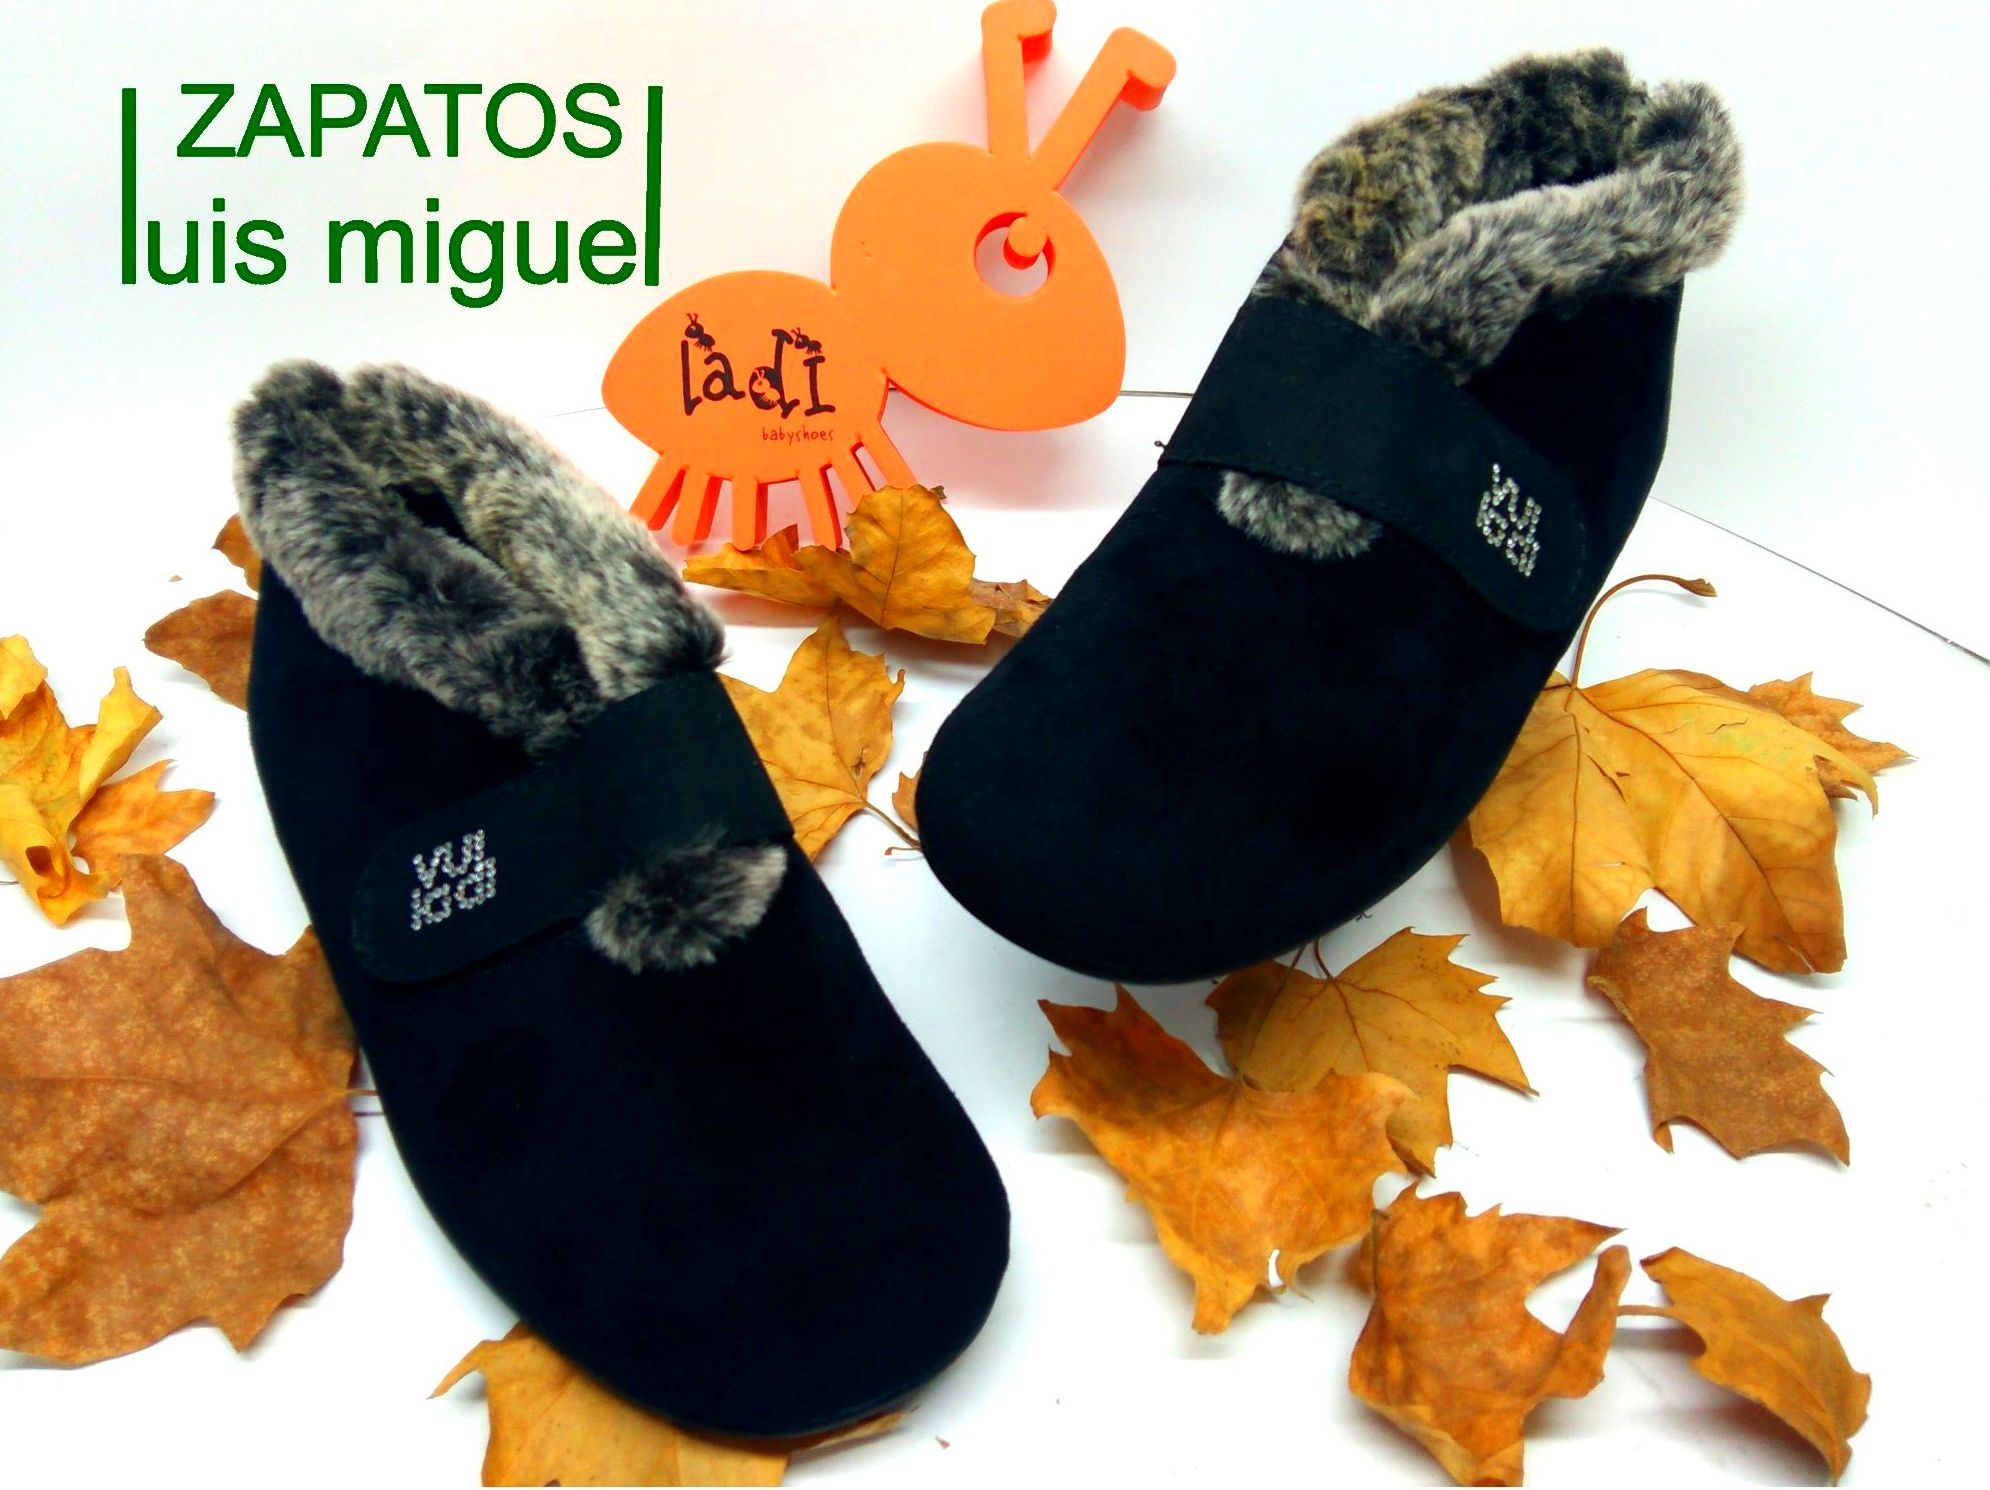 zapatillas de señora botita: Catalogo de productos de Zapatos Luis Miguel